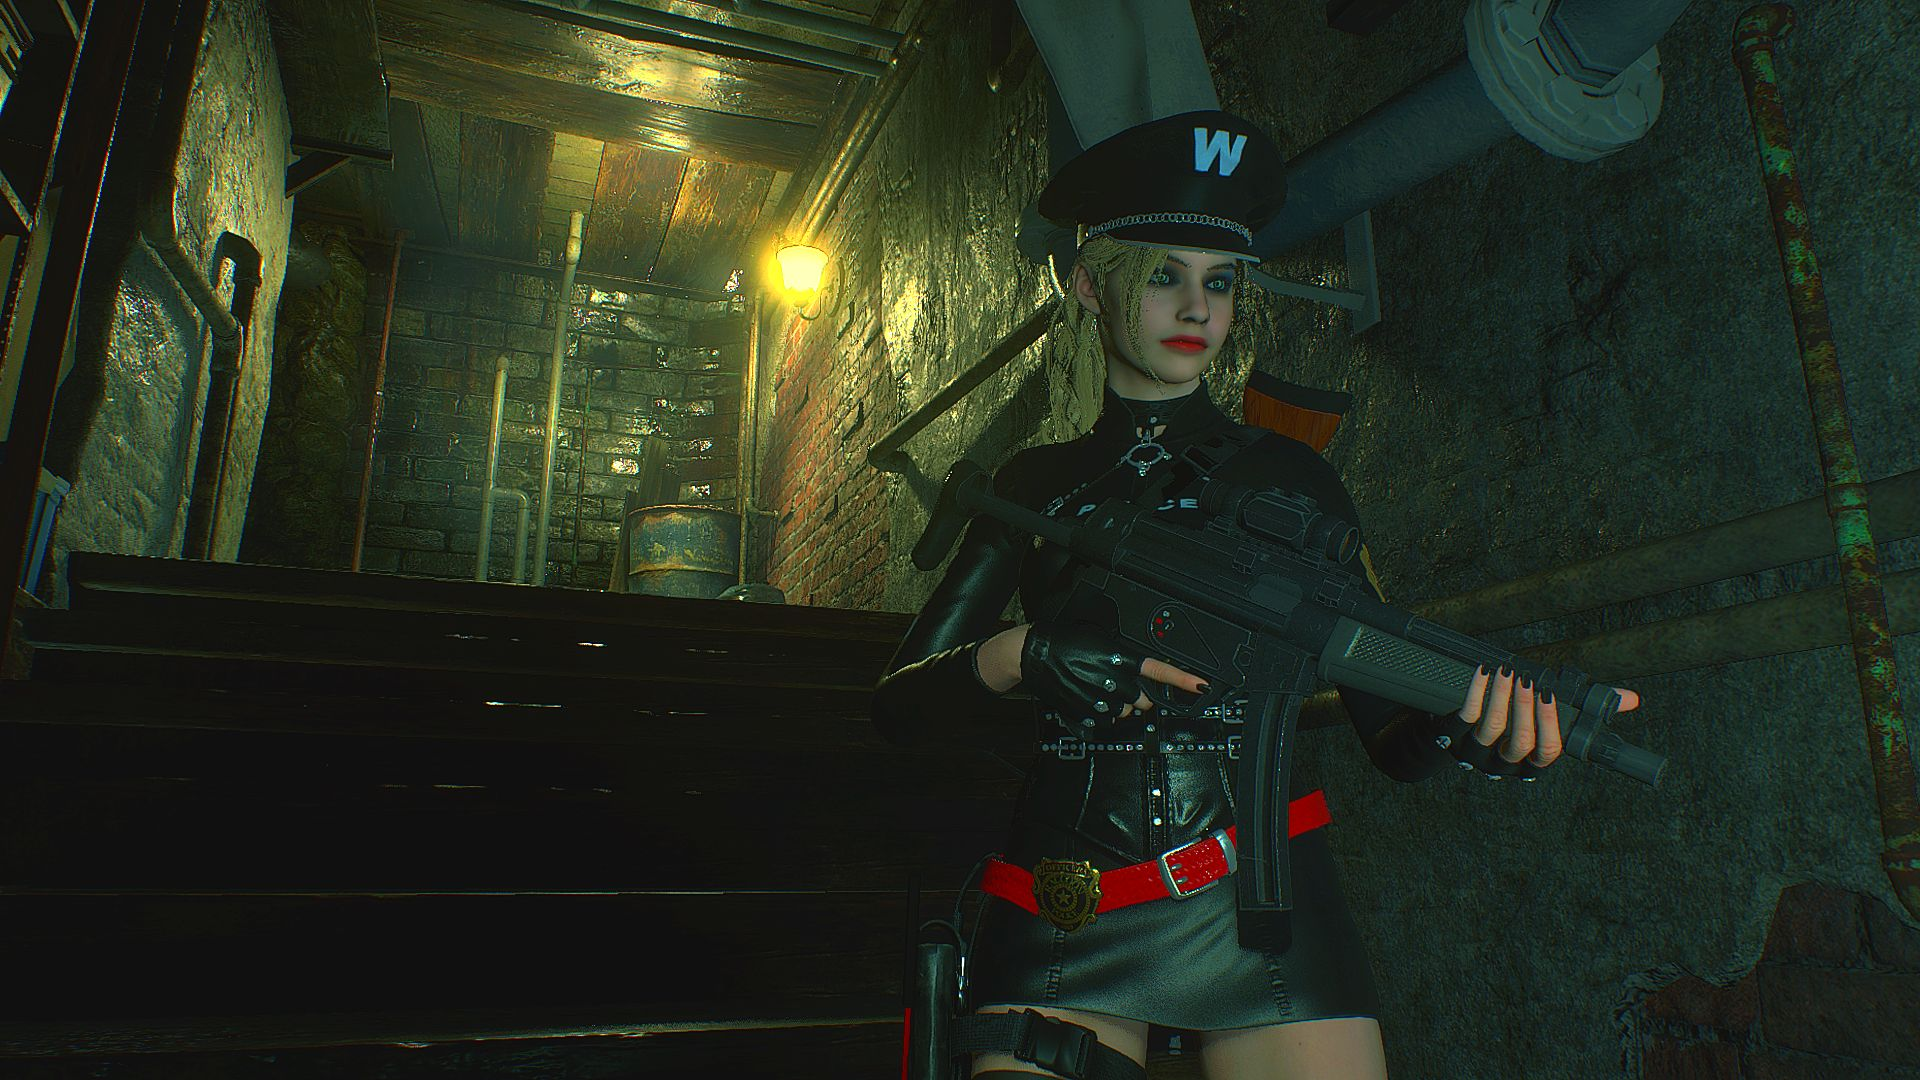 000124.Jpg - Resident Evil 2